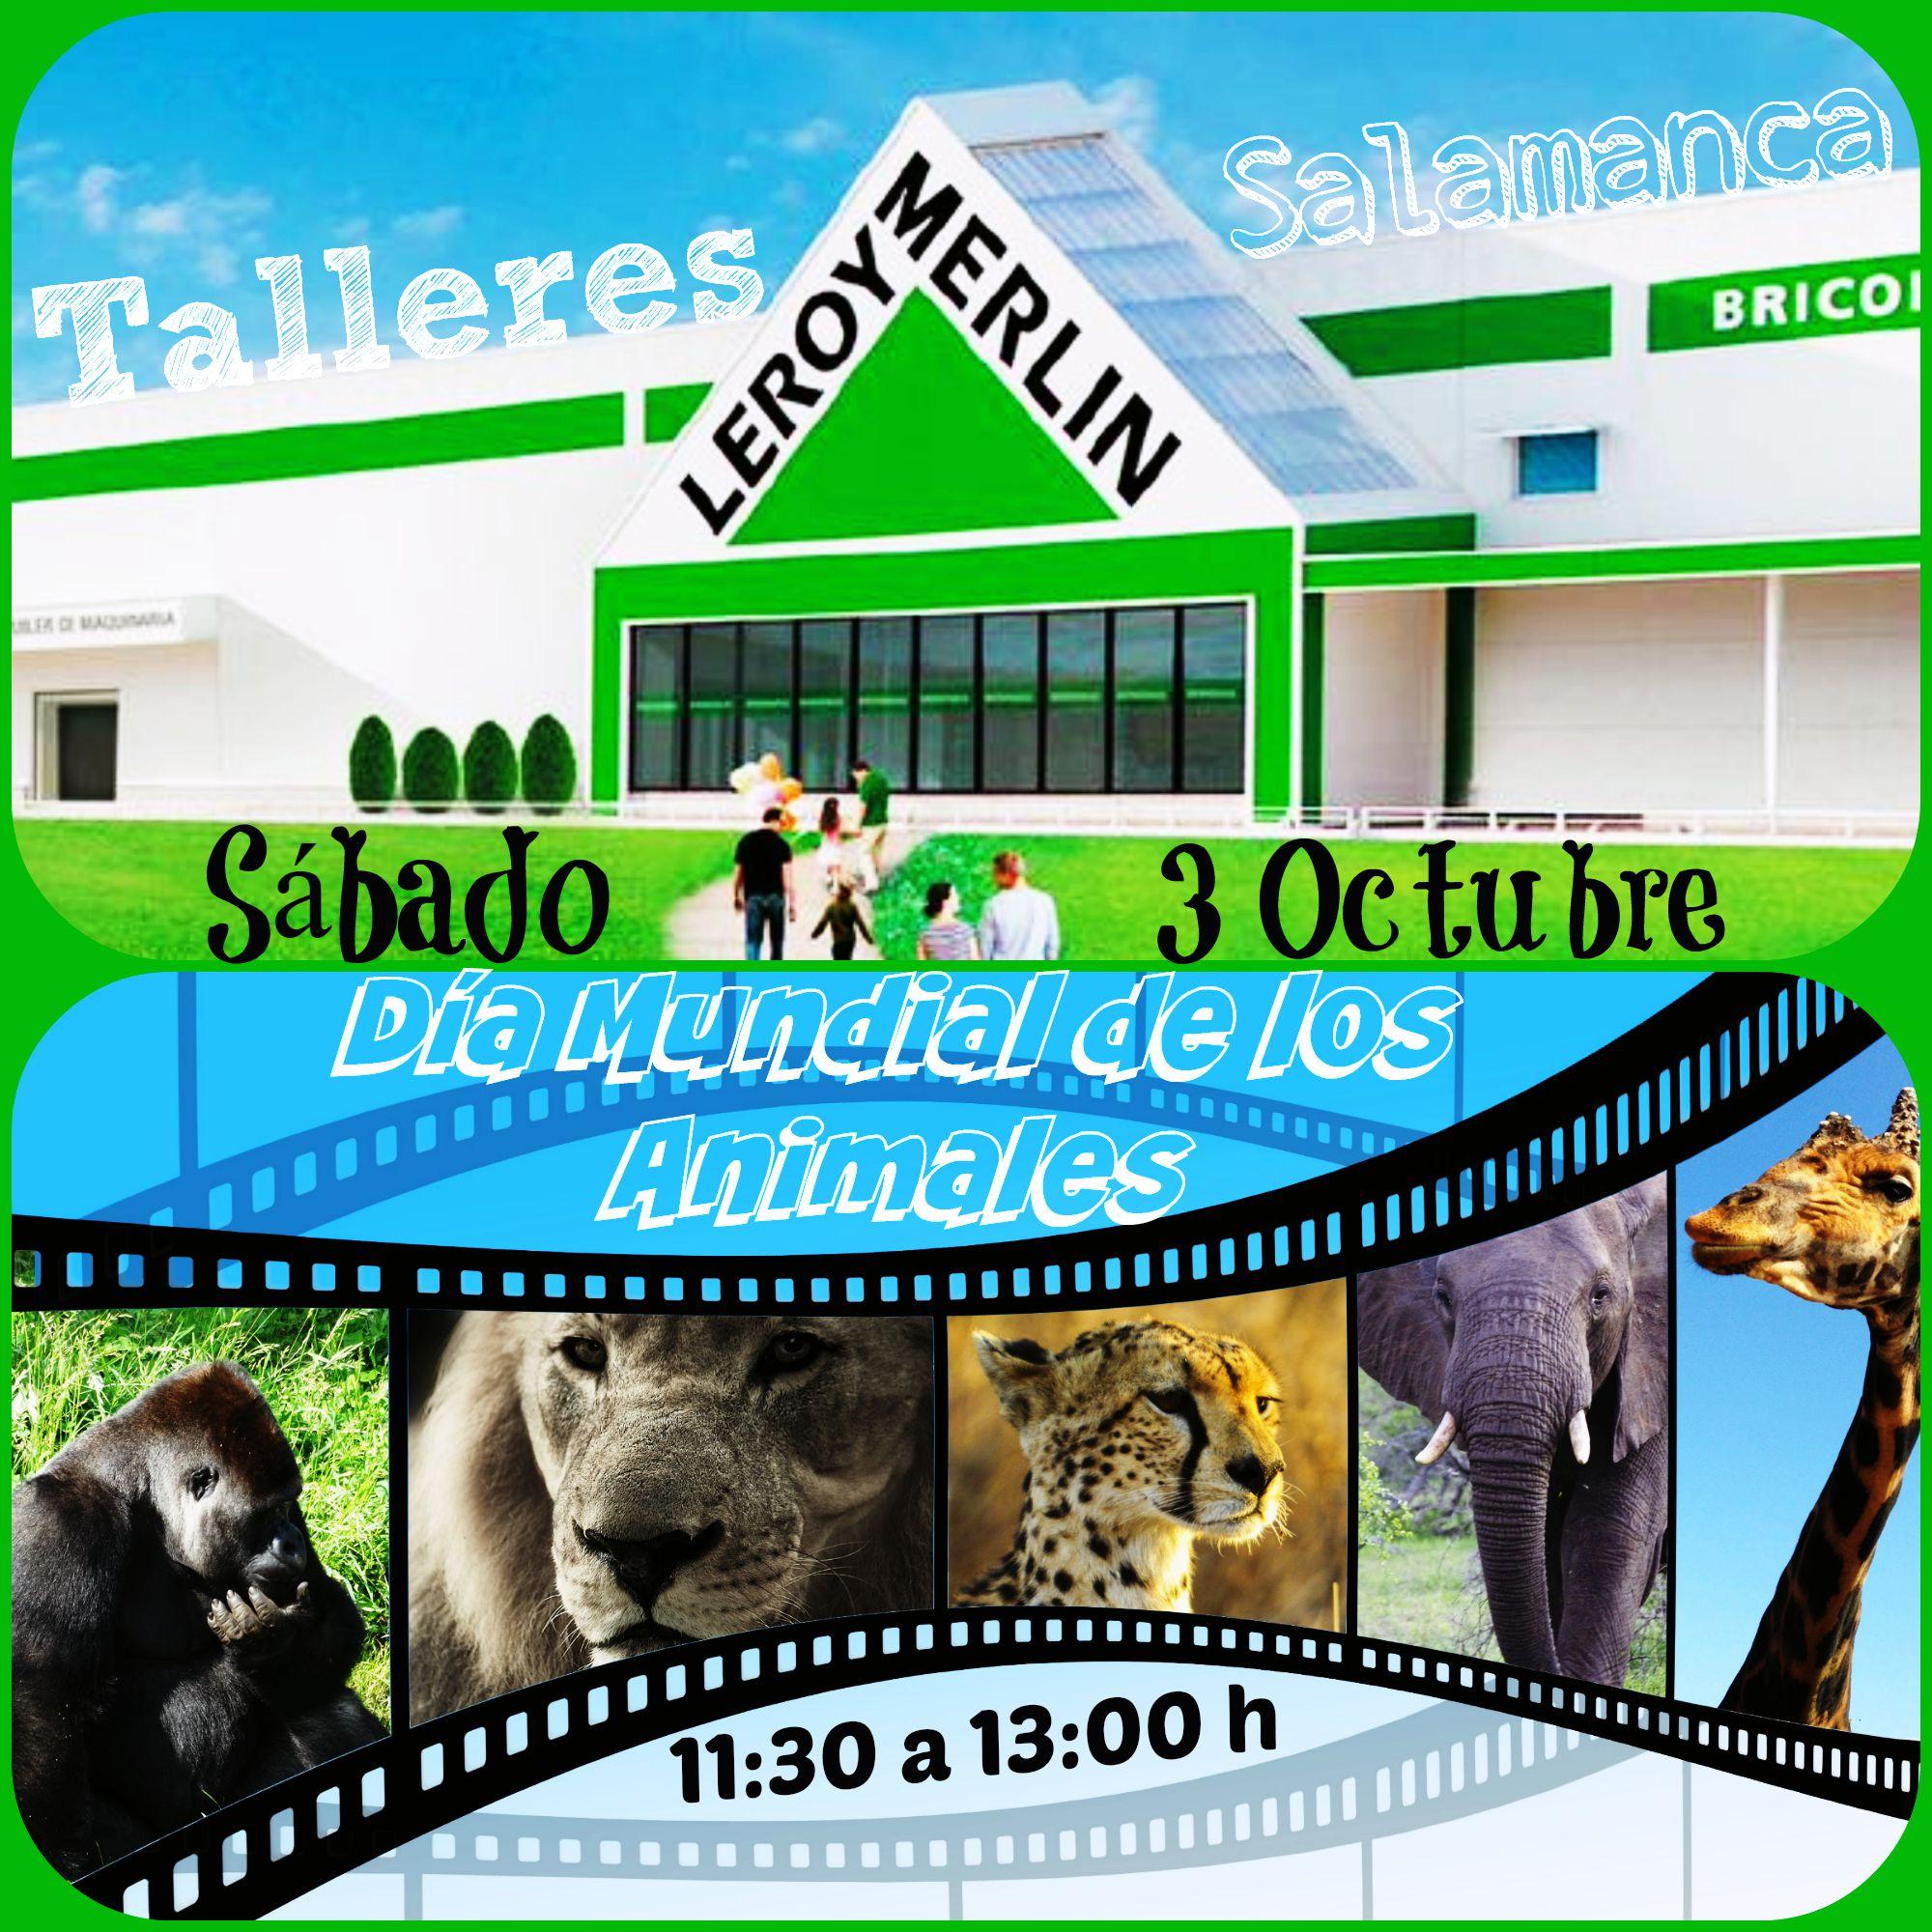 D a mundial de los animales en leroy merlin salamanca for Telefono leroy merlin salamanca